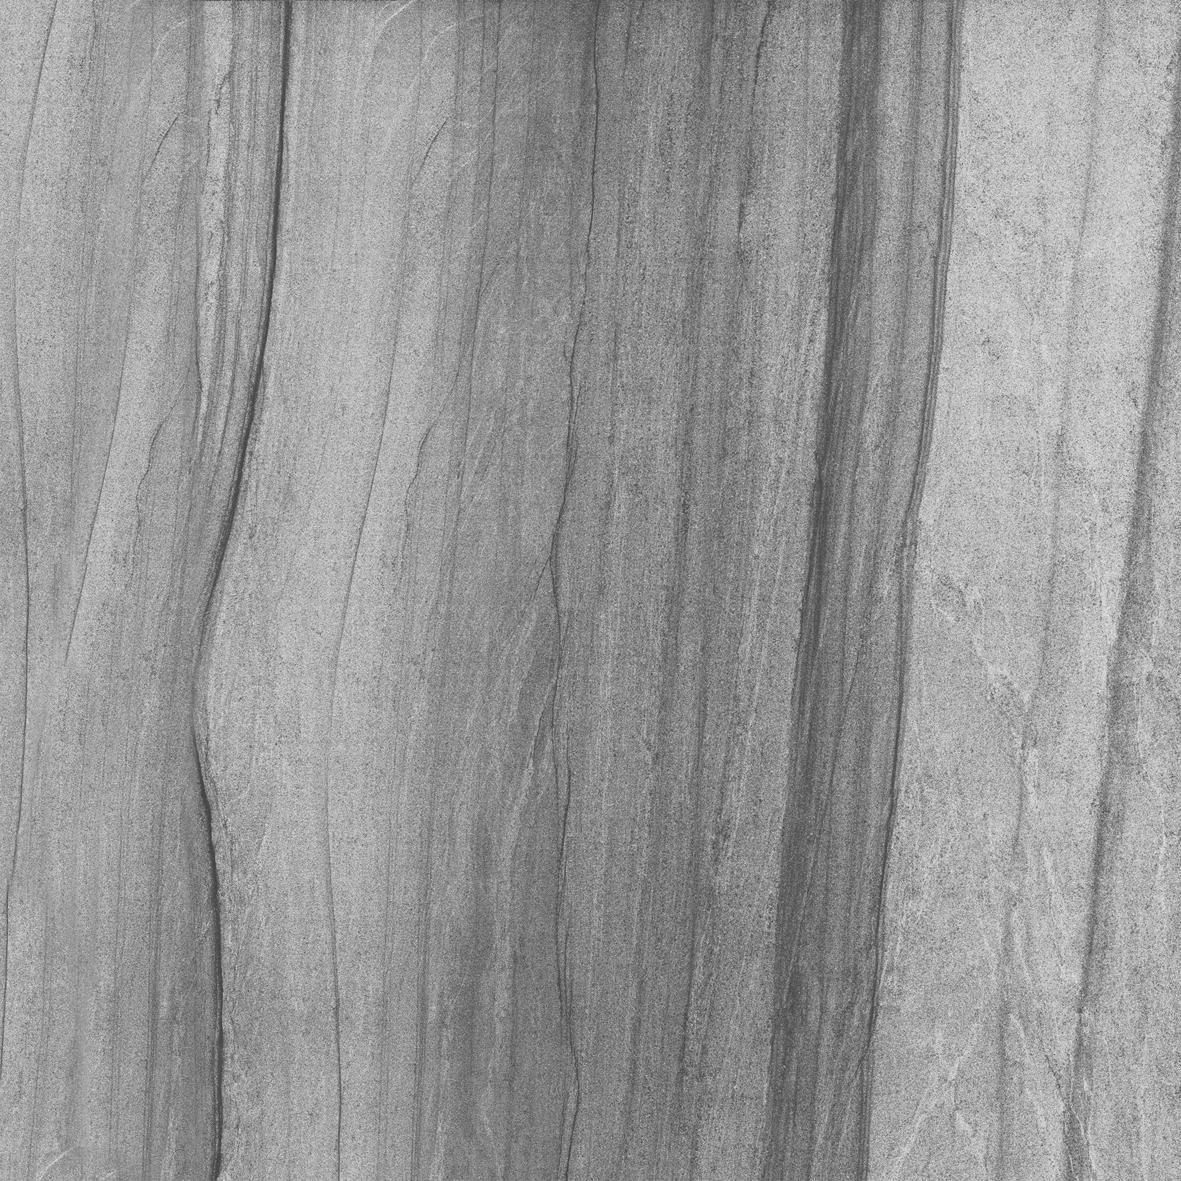 雷諾木紋石(A)